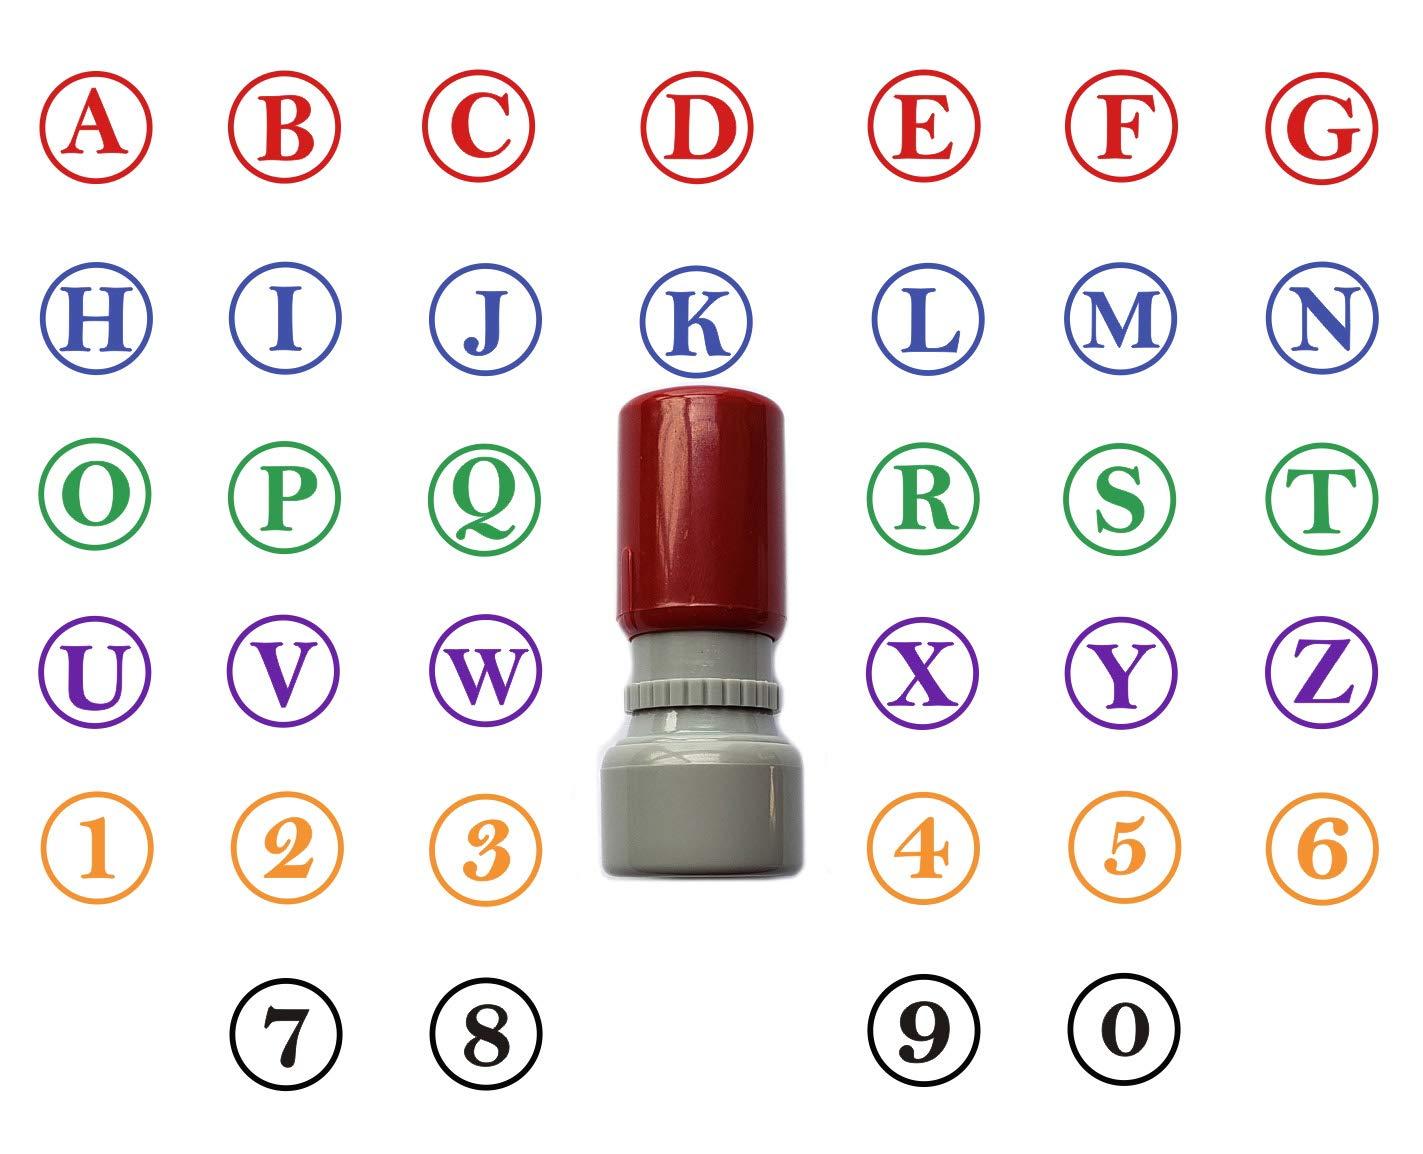 カスタムA-Z アルファベット 0-9 スタンプ ラウンド ラバースタンプ セルフインク イニシャル スタンプ ミニスタンパー 15mm 5/8インチ 8色からお選びいただけます。   B07GD4TQDG